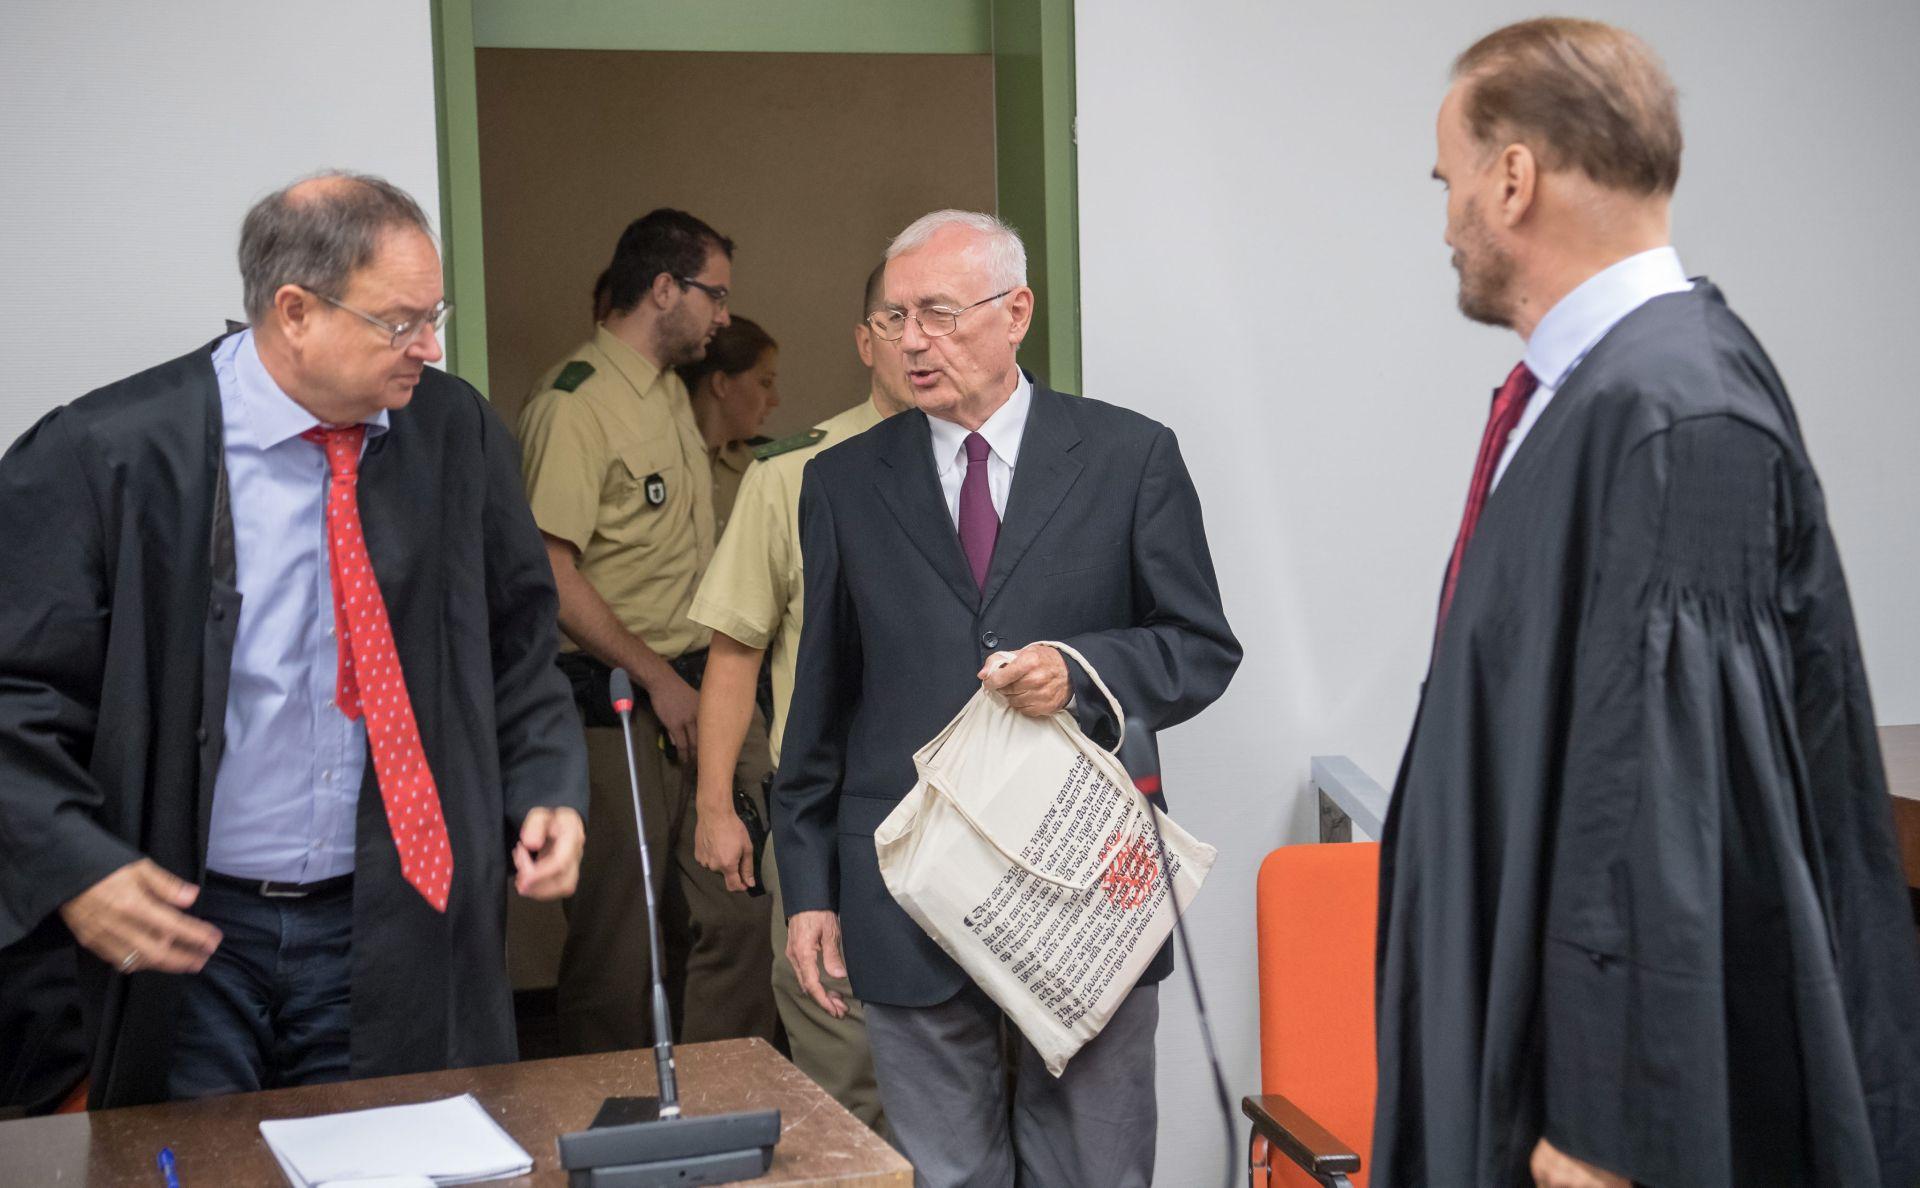 IZVORI Njemački vrhovni sud potvrdio presudu Perkoviću i Mustaču